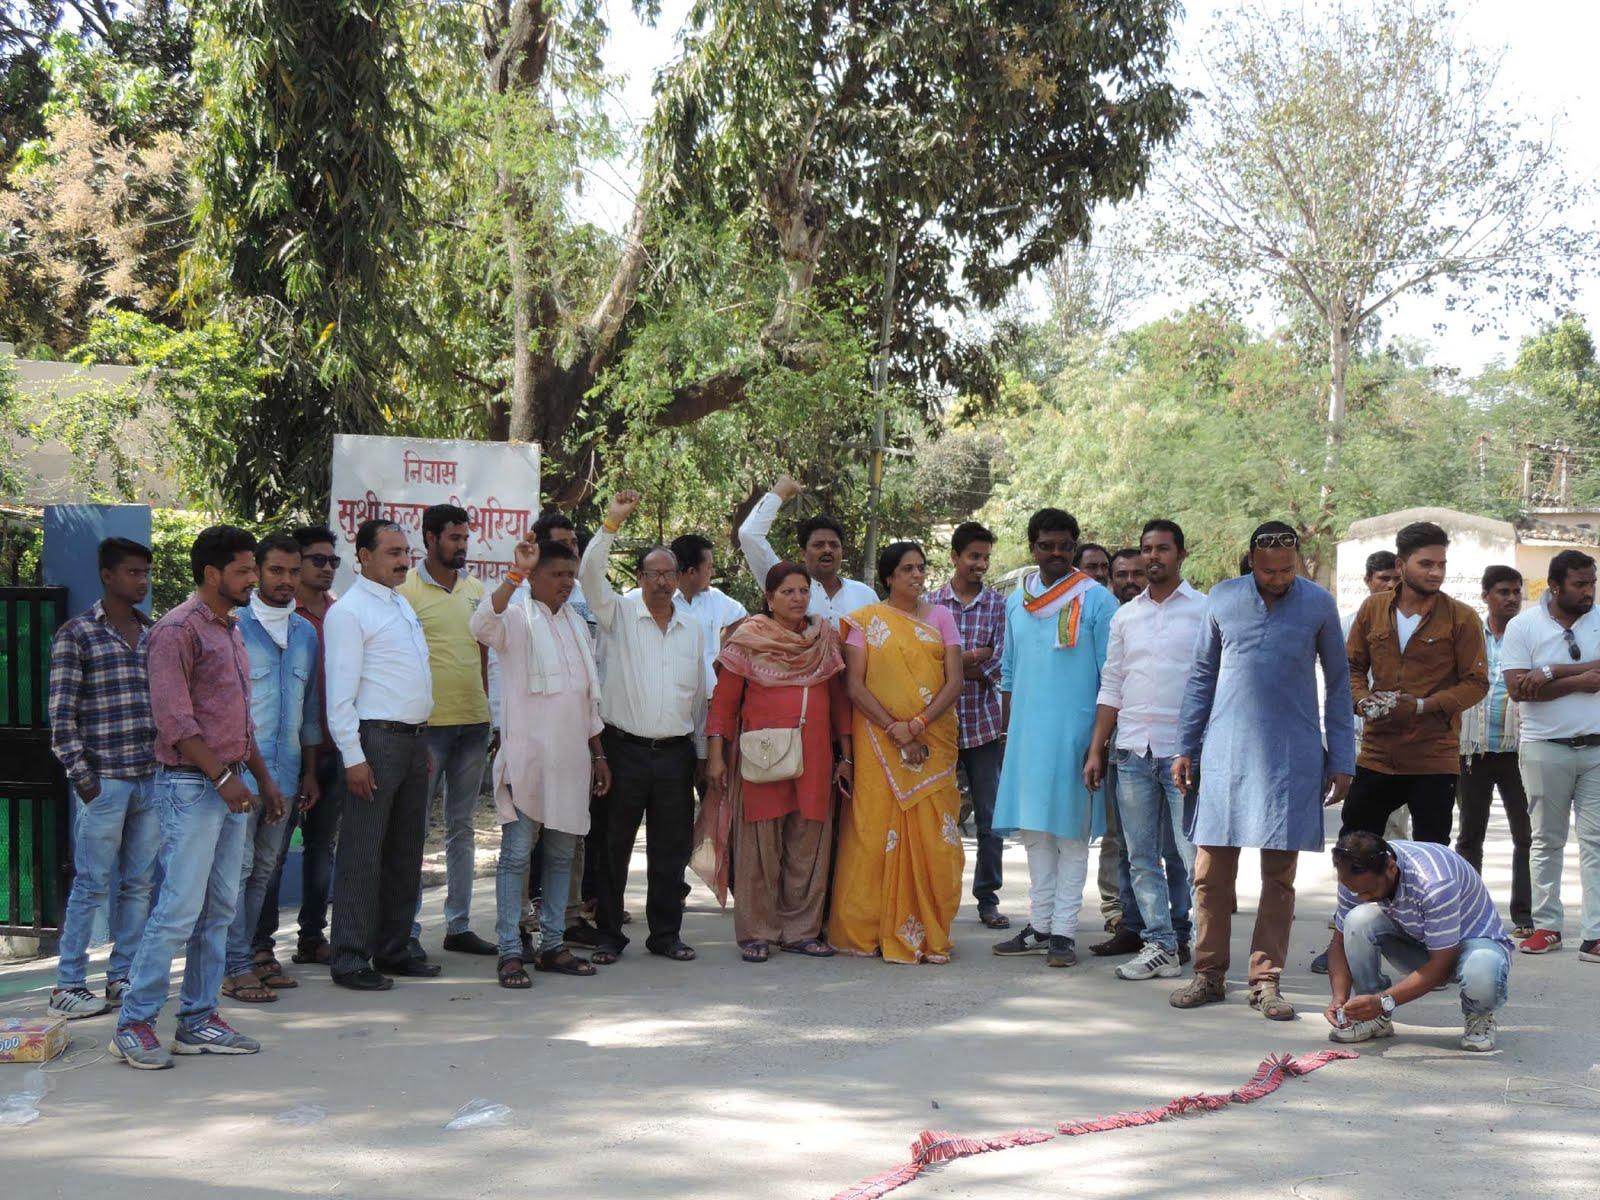 congress-mla-ajaysingh-rahul-अजयसिंह को नेता प्रतिपक्ष बनाए जाने पर जिला कांग्रेस ने दी बधाई